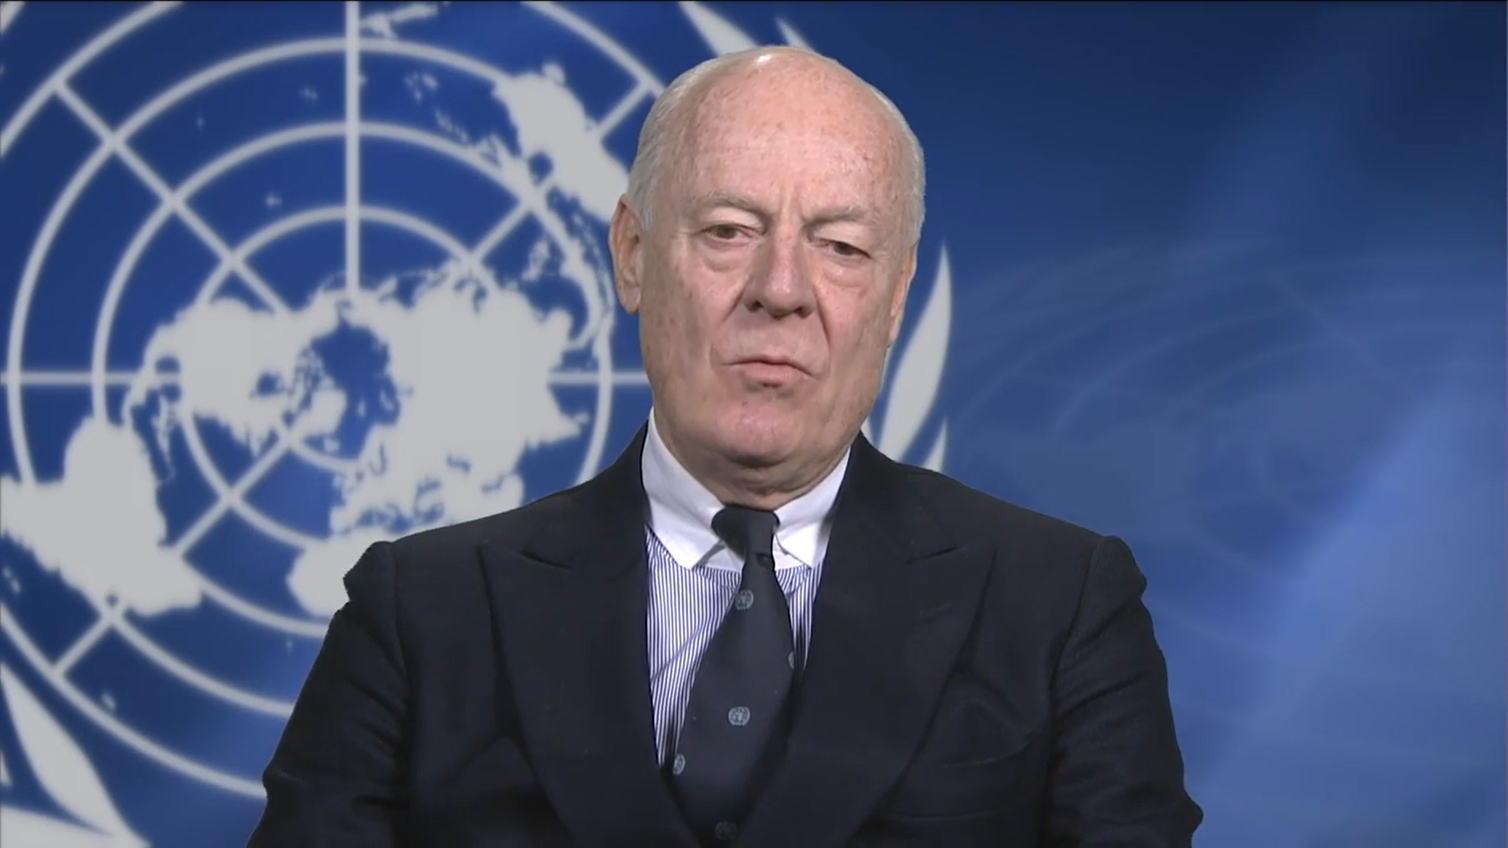 UN, January 28, 2016